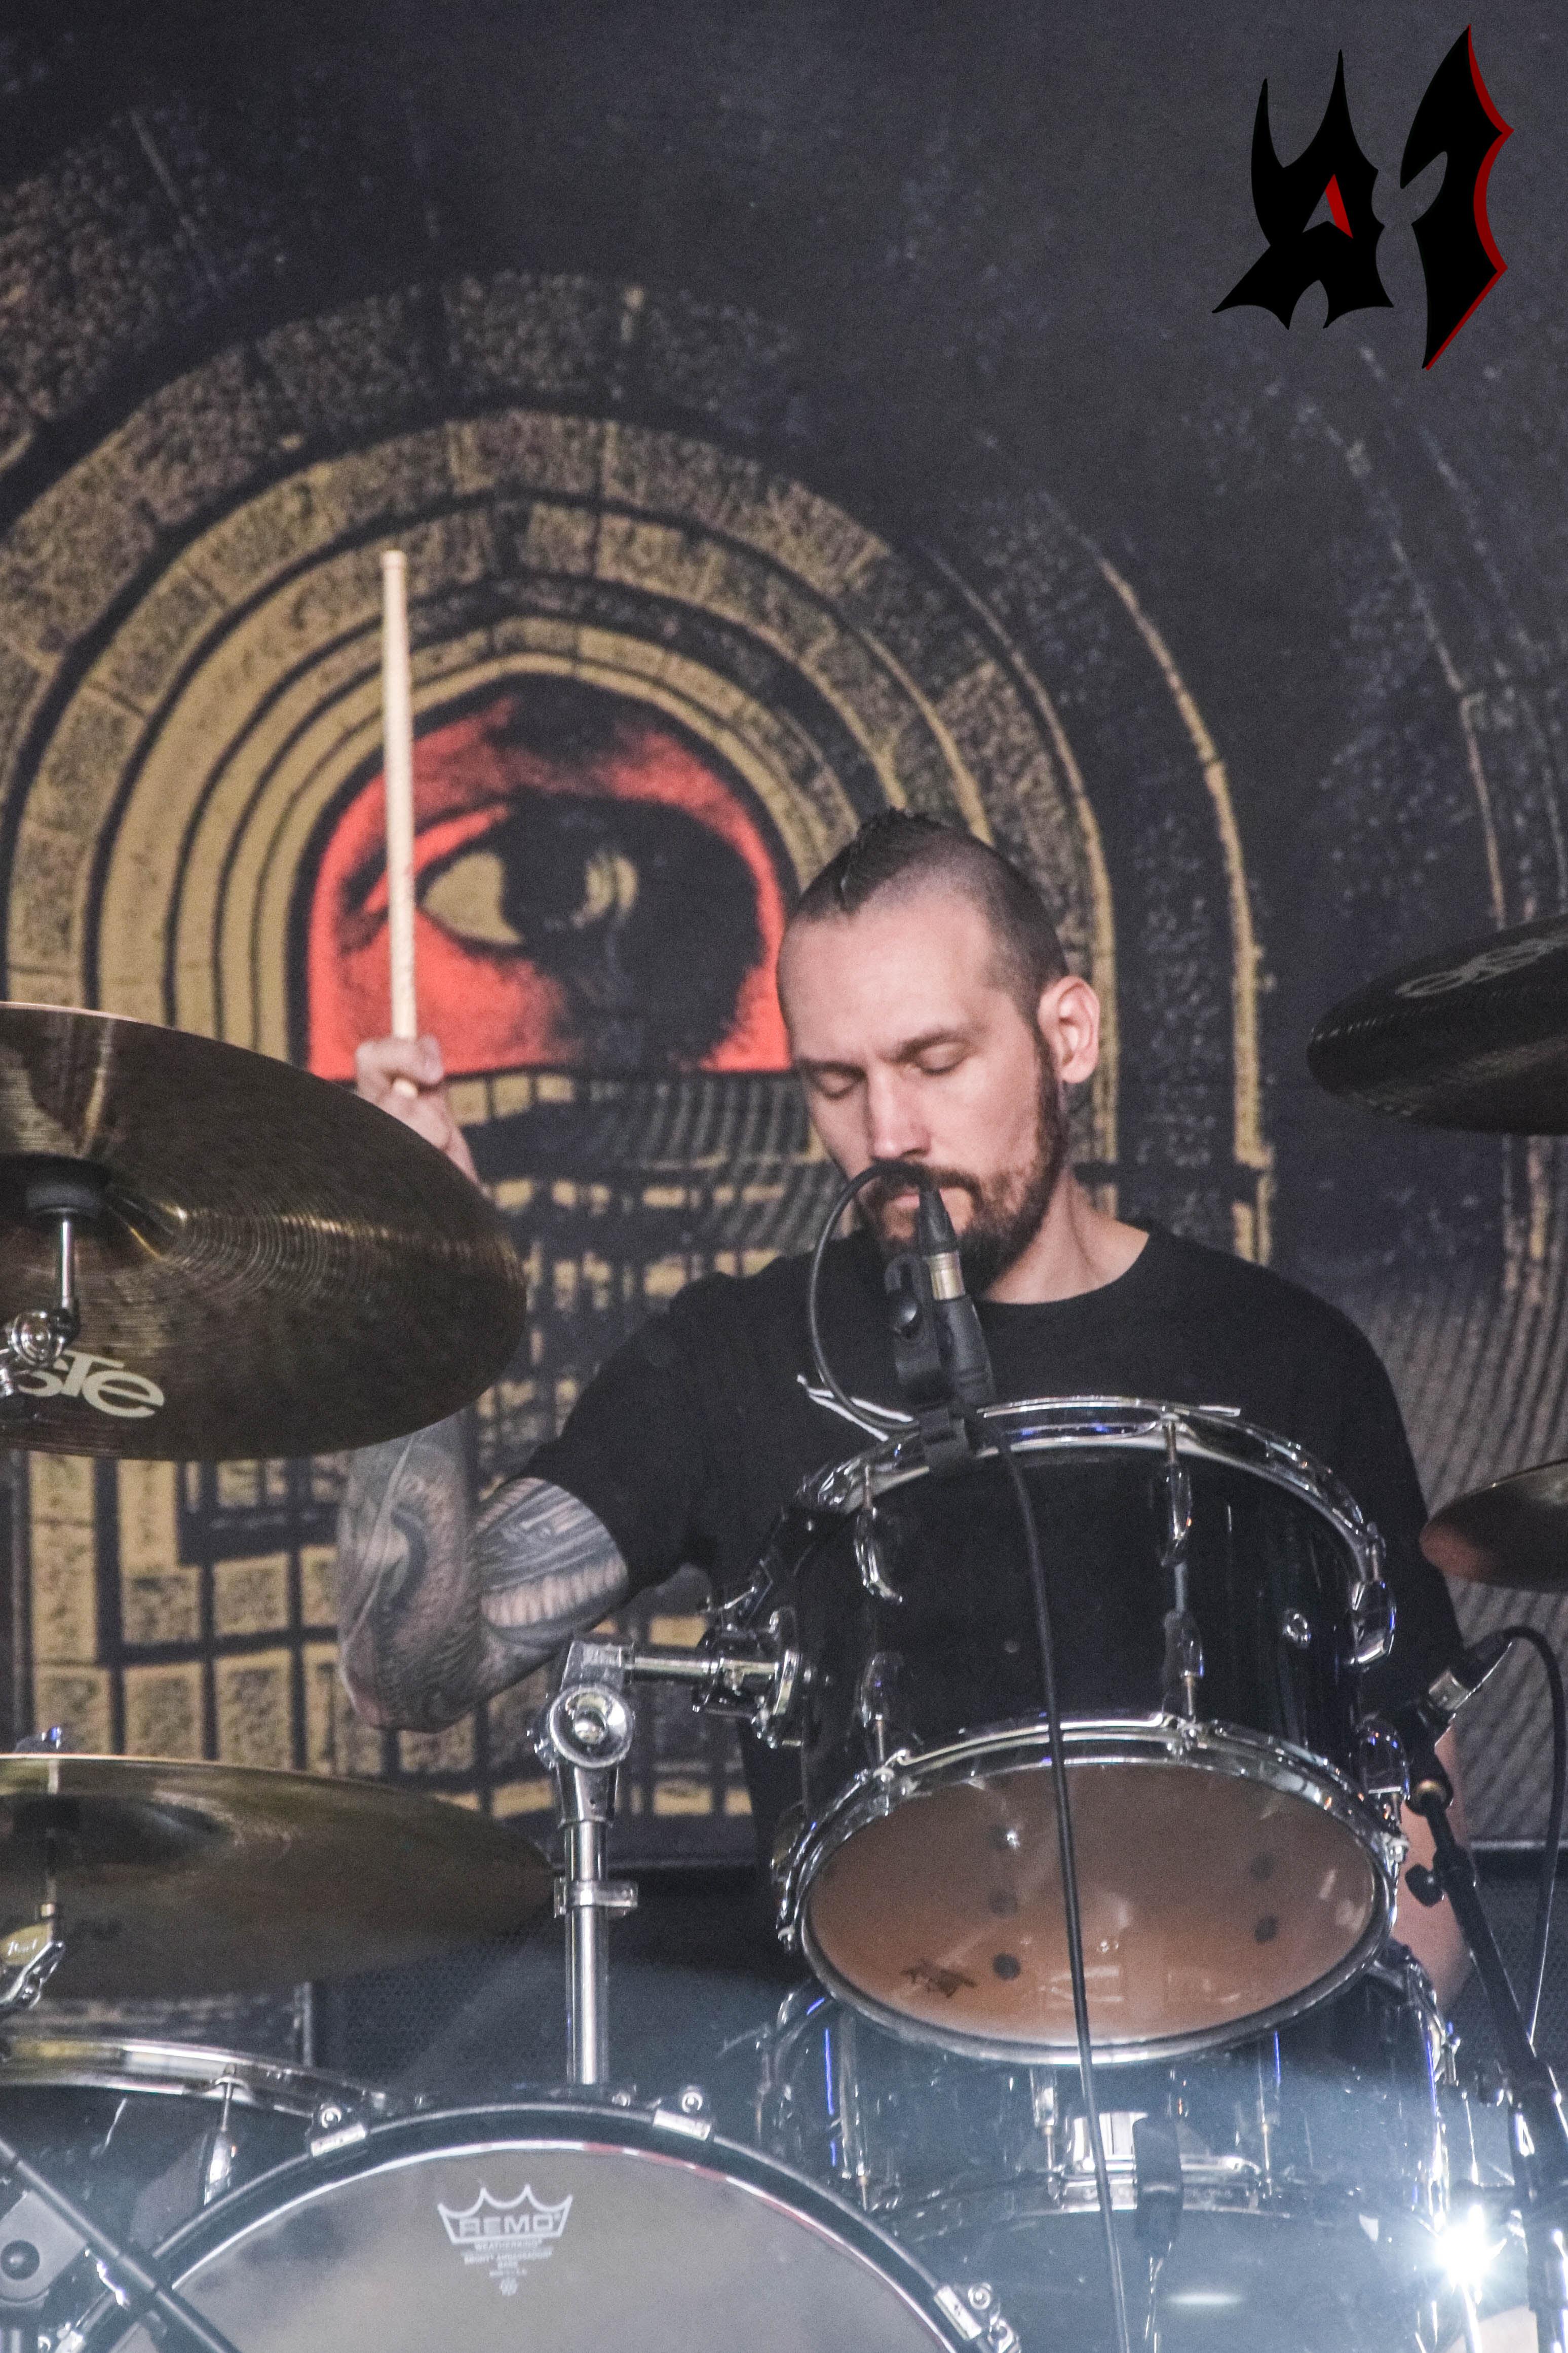 Hellfest - Jour 3 - Rotten Sound 6